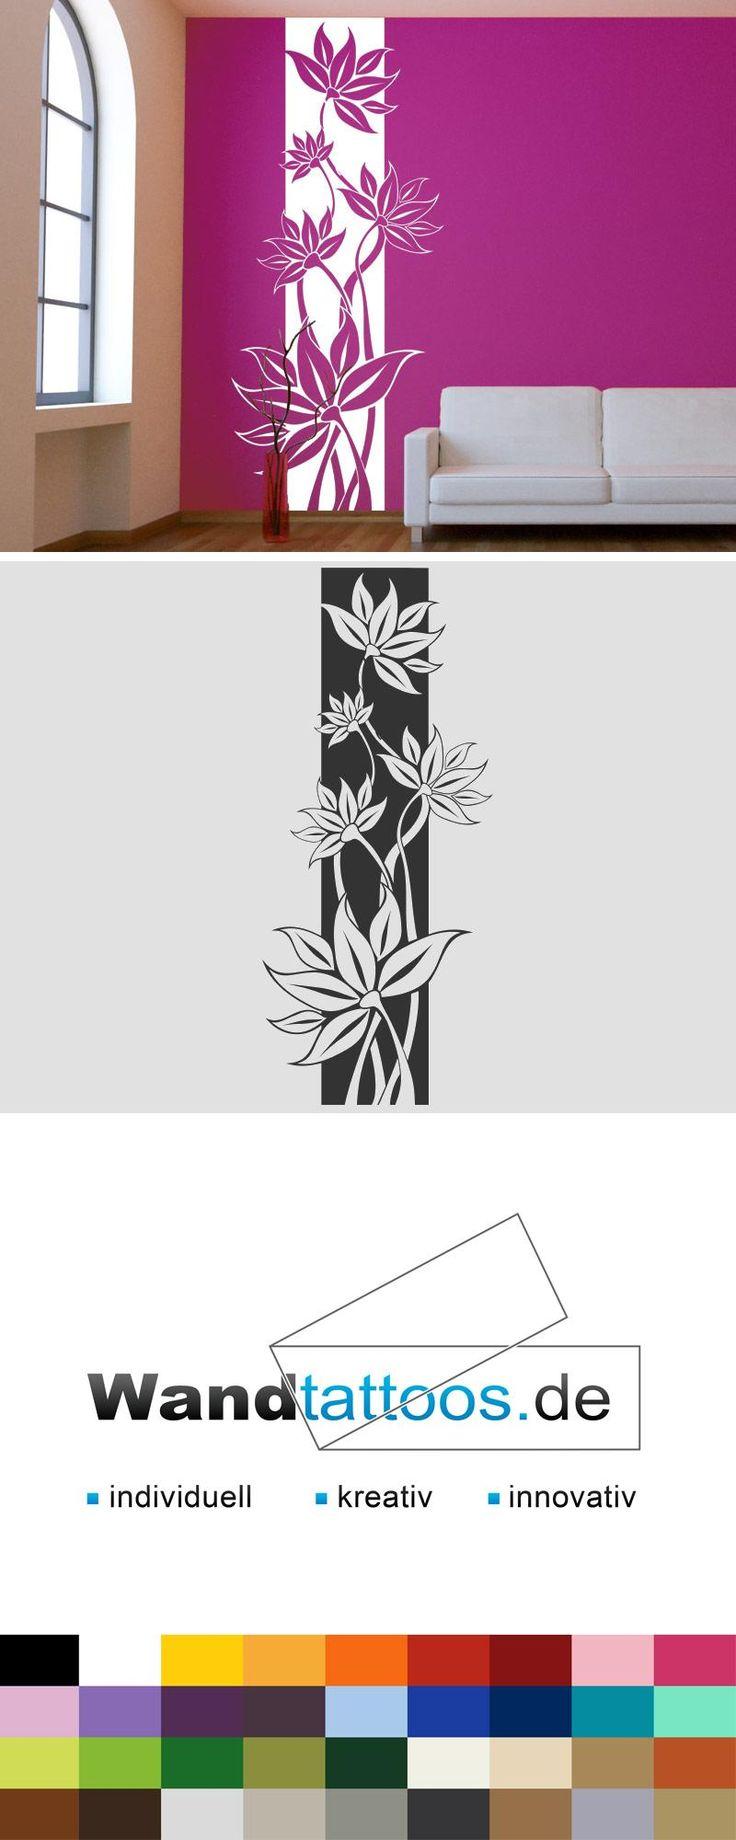 Unique Wandbanner Blumenranke Wandtattoo raumhoch